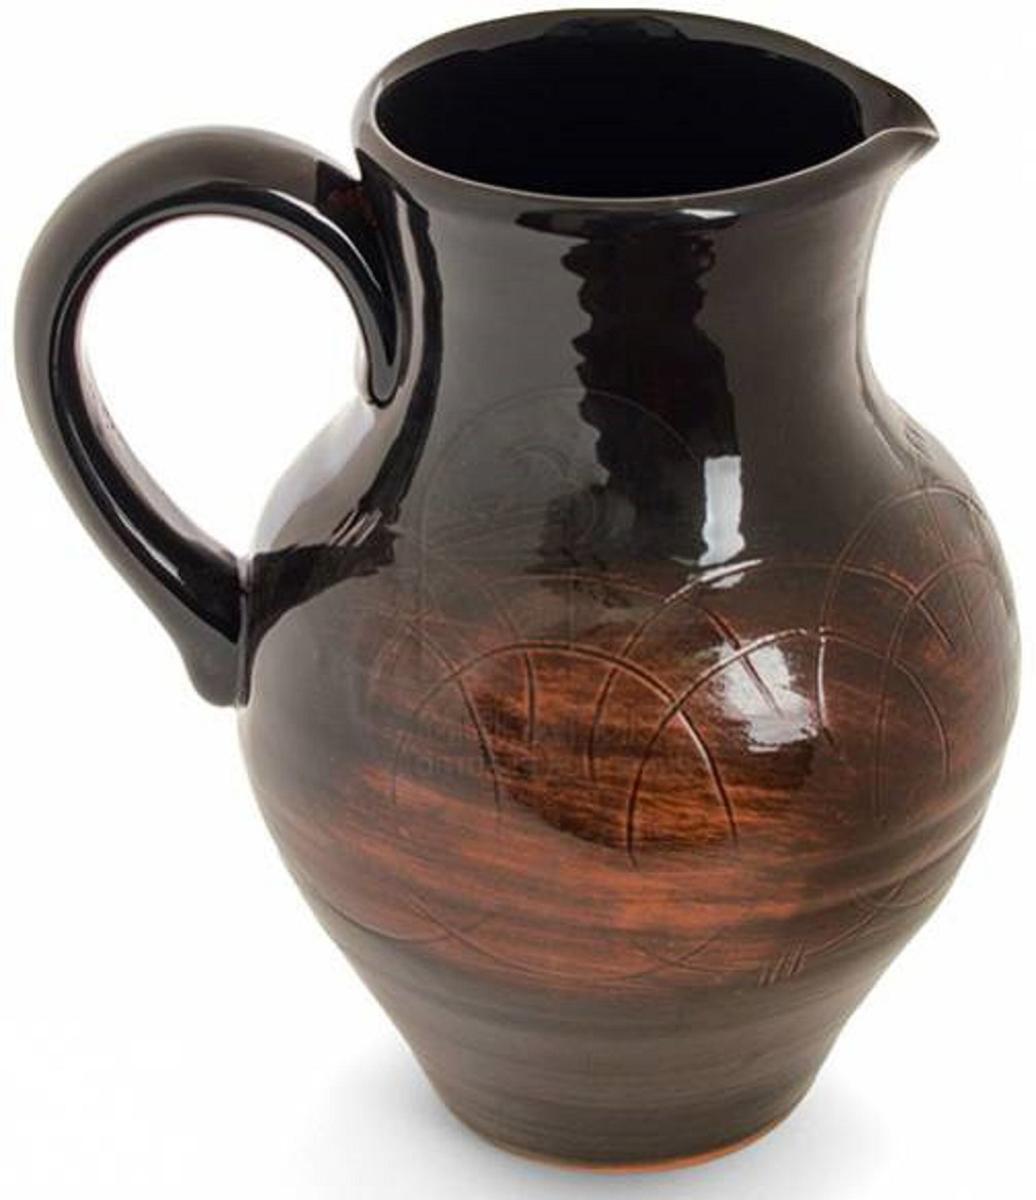 Кувшин Борисовская керамика Старина, 1,5 лСТР00000442Кувшин, изготовленный из глины, удобен для использования подмолоко и другие напитки. Наши предки не зря использовали глиняную посуду для хранения молока, в керамическом кувшинеоно дольше остается свежим и не скисает.Глиняный кувшинне только отлично впишется в любой интерьер кухни, но и станет отличнымподарком.